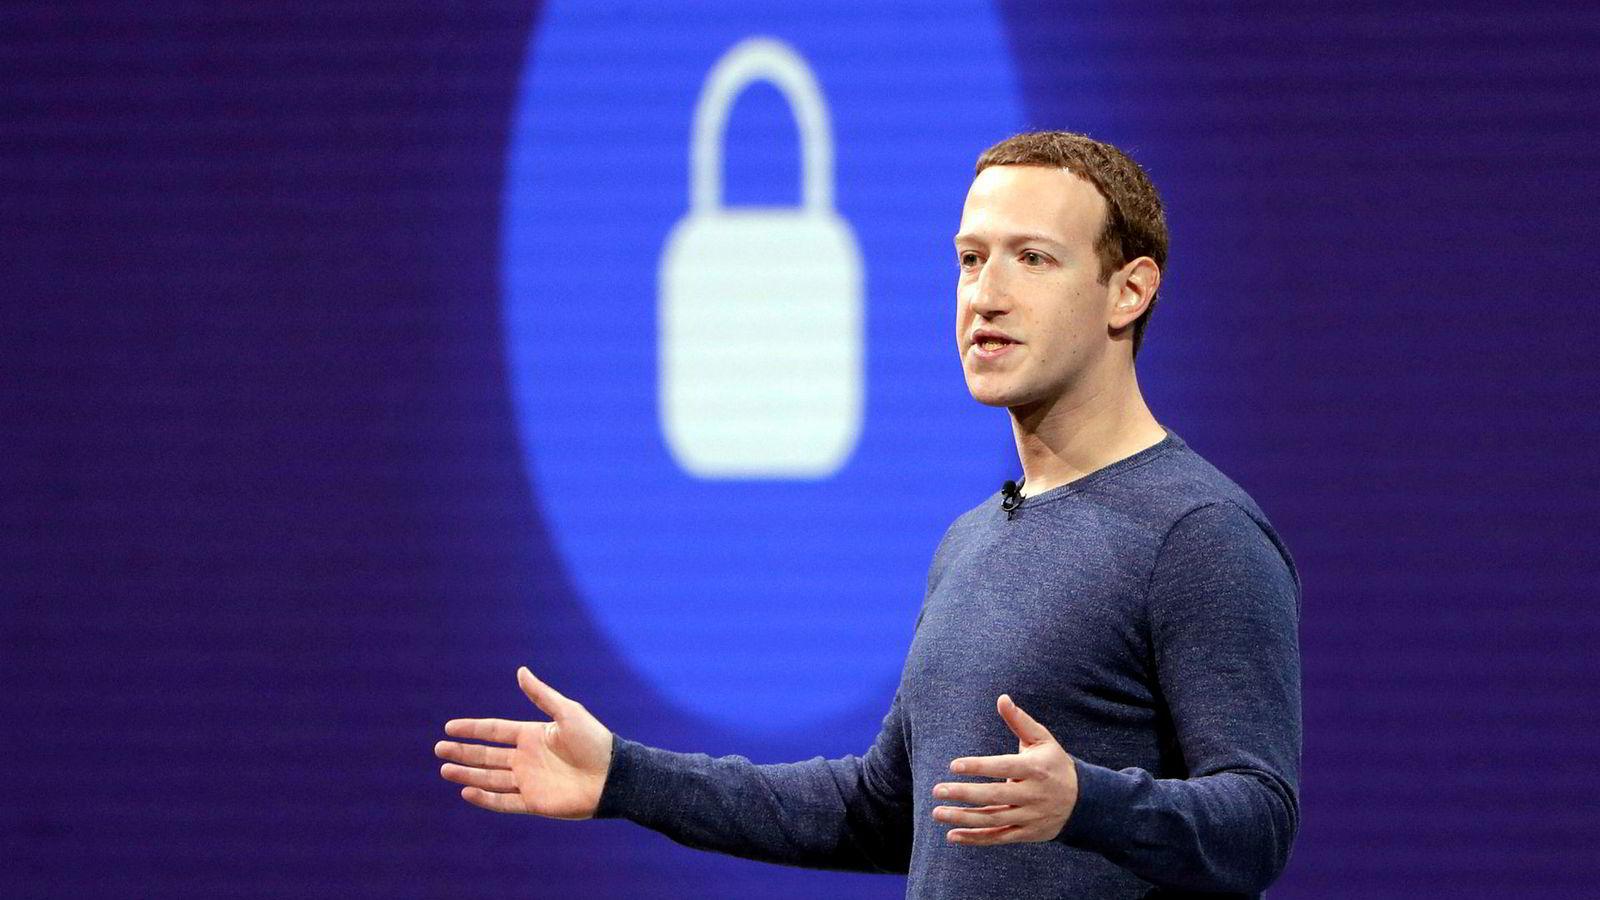 Facebook-sjef Mark Zuckerberg satser på at kryptovalutaen Libra blir en suksess. Men bankenes rolle står fortsatt sterkt, mener innleggsforfatteren.